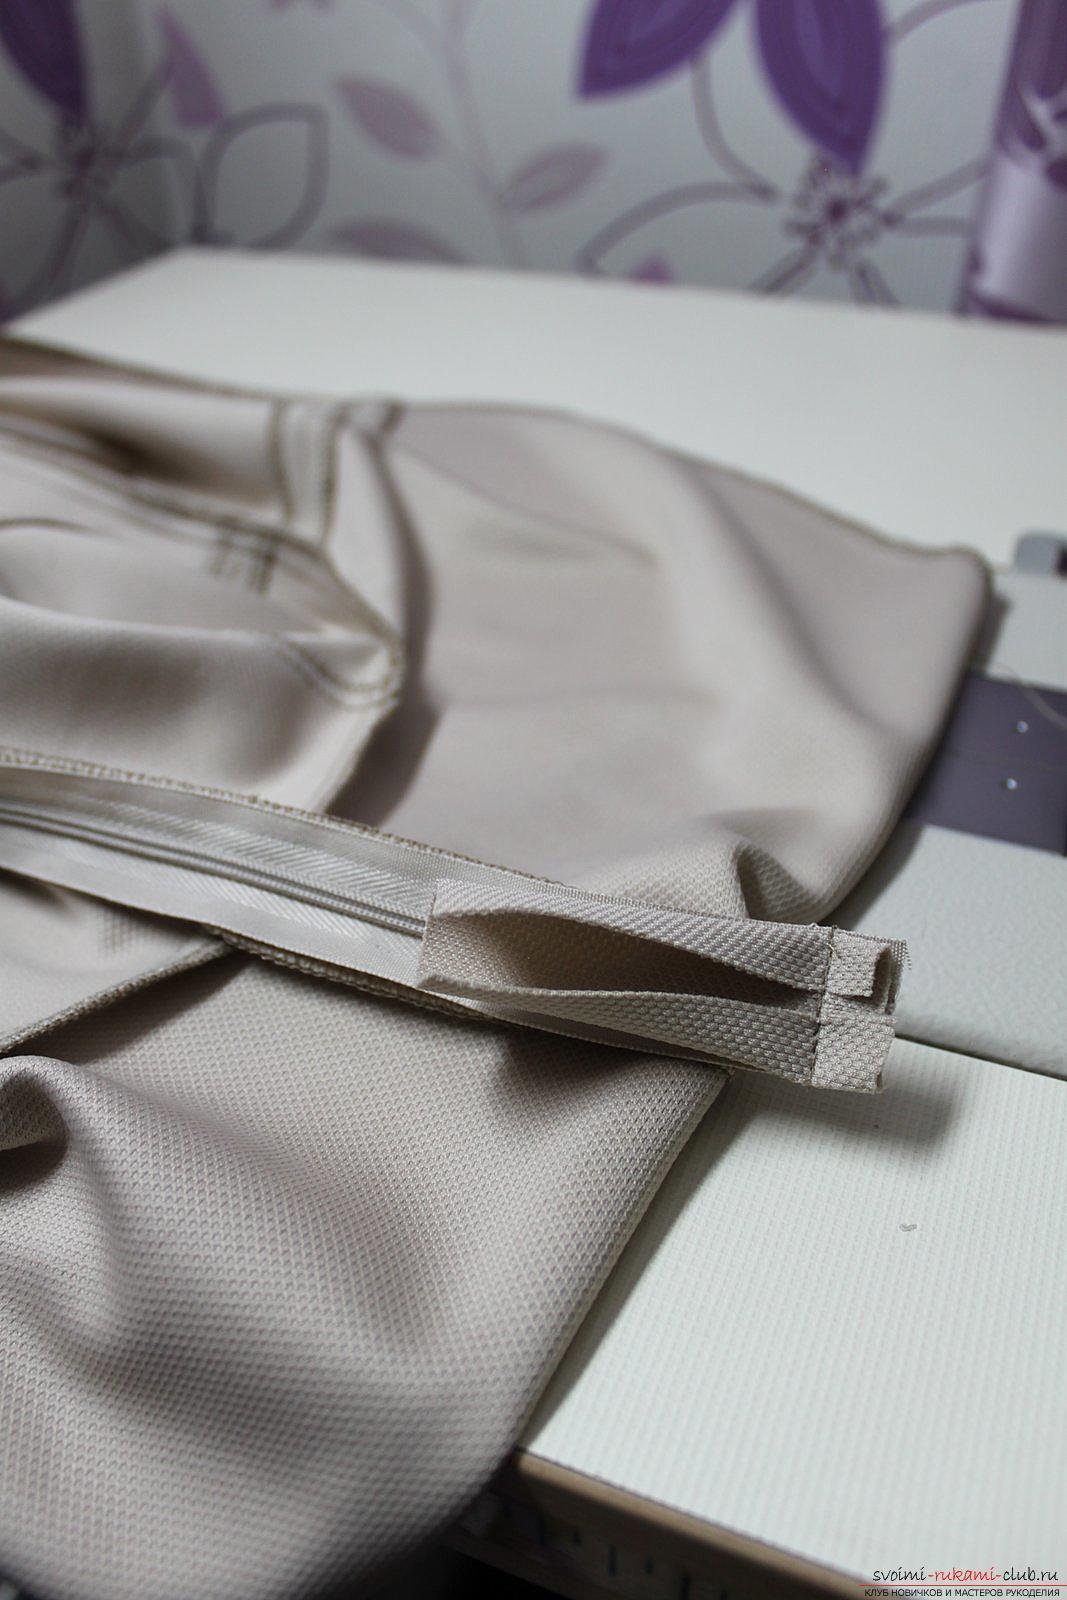 Этот подробный мастер-класс с фото и выкройкой научит шитью своими руками блузки с баской.. Фото №24